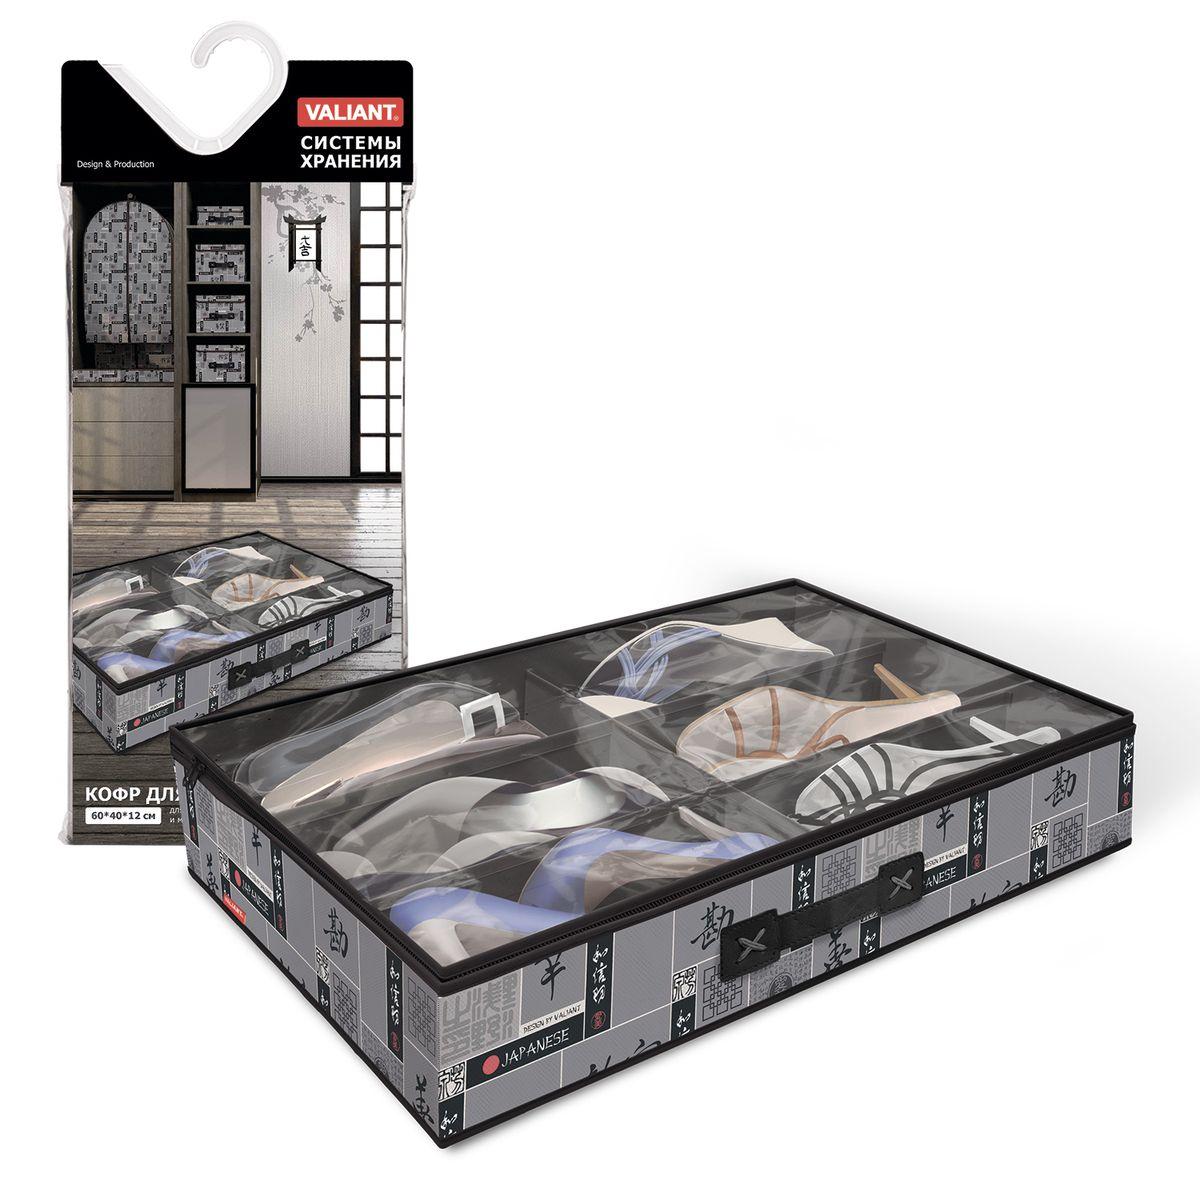 Кофр для хранения обуви Valiant Japanese Black, 6 секций, 60 х 40 х 12 смБрелок для ключейВместительный кофр Valiant Japanese Black изготовлен из высококачественного прочного нетканого материала и предназначен для долговременного хранения обуви. Кофр, закрывающийся крышкой на застежку-молнию, содержит 6 секций. Крышка из прозрачного ПВХ позволяет видеть содержимое. Для удобства в обращении имеется ручка. Кофр защитит вашу обувь от повреждений, пыли, влаги и загрязнений во время хранения и транспортировки. Он пропускает воздух и отталкивает воду. Изделие гармонично смотрится в любом интерьере, привнося в него изысканность и дизайнерскую изюминку. Кофр - это новый взгляд на систему хранения - теперь хранить вещи не только удобно, но и красиво. Размер кофра: 60 х 40 х 12 см. Количество секций: 6 шт.